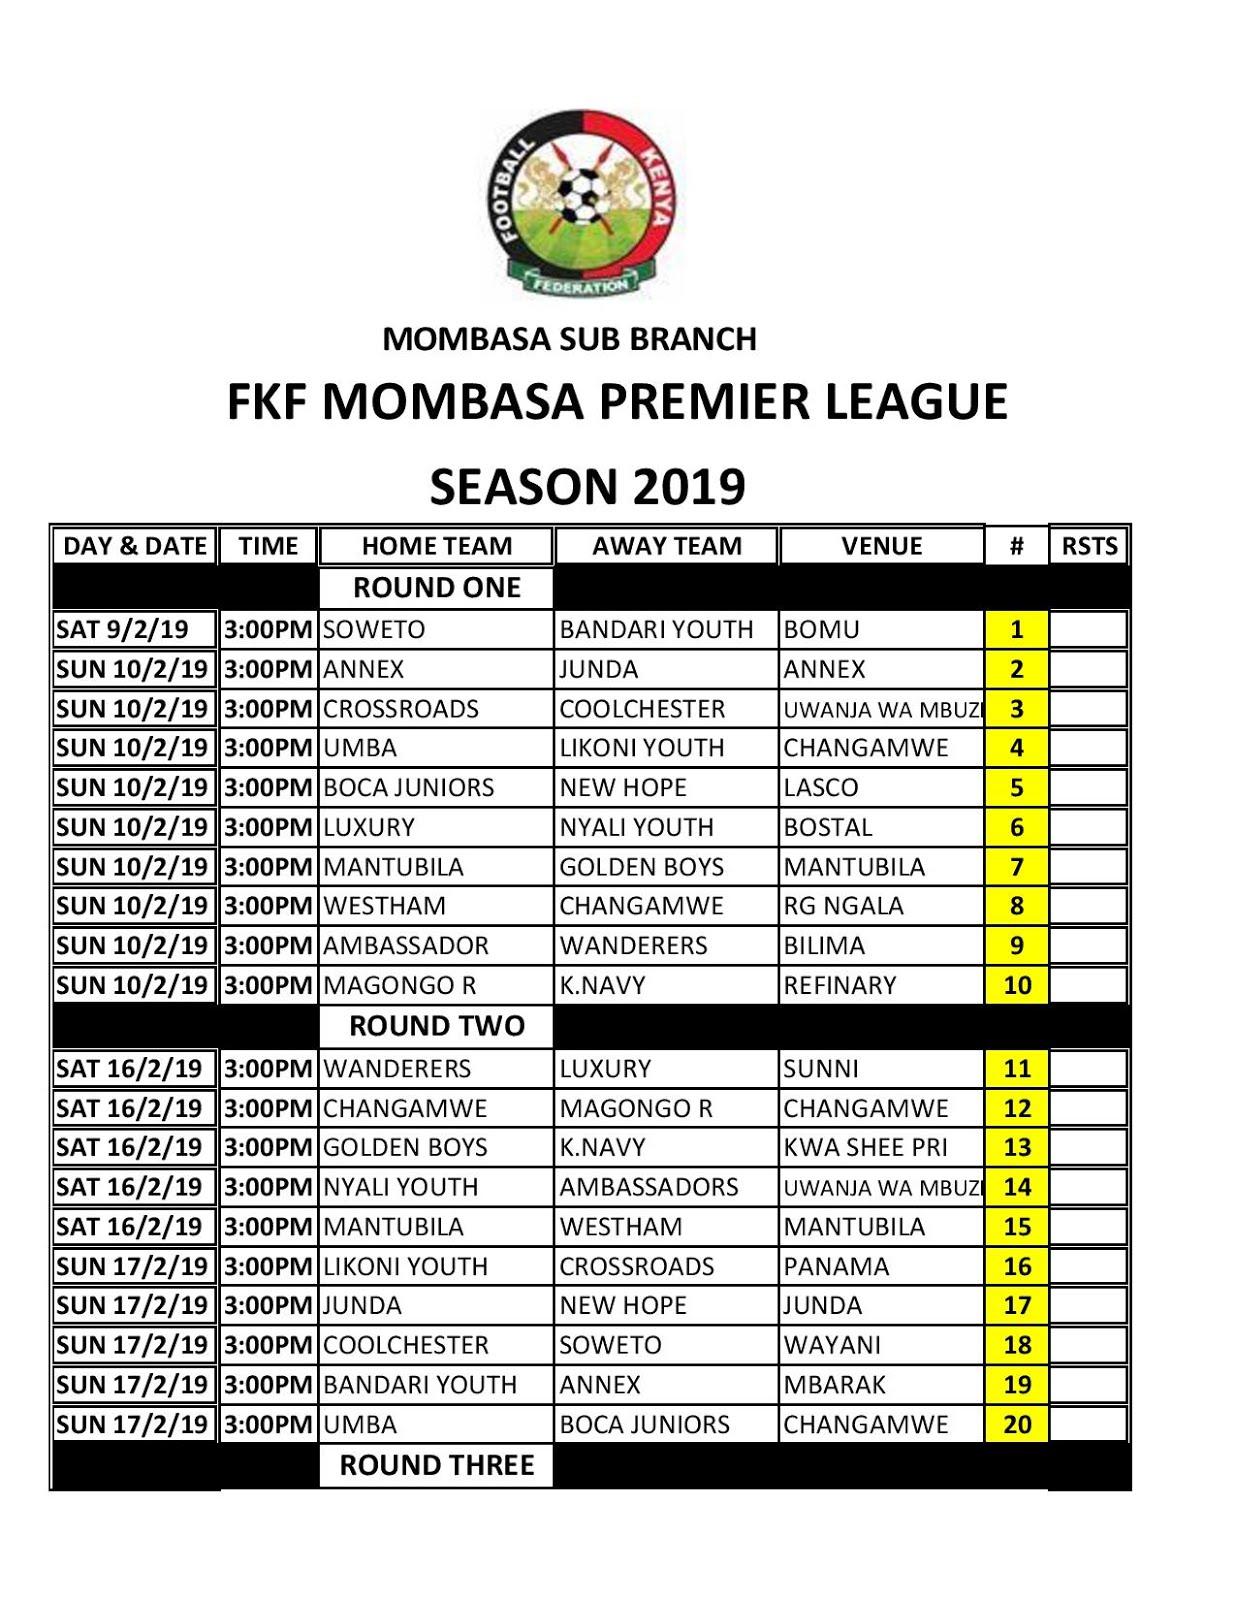 Klasemen Egypt Premier League : klasemen, egypt, premier, league, Premier, League, Table, Division